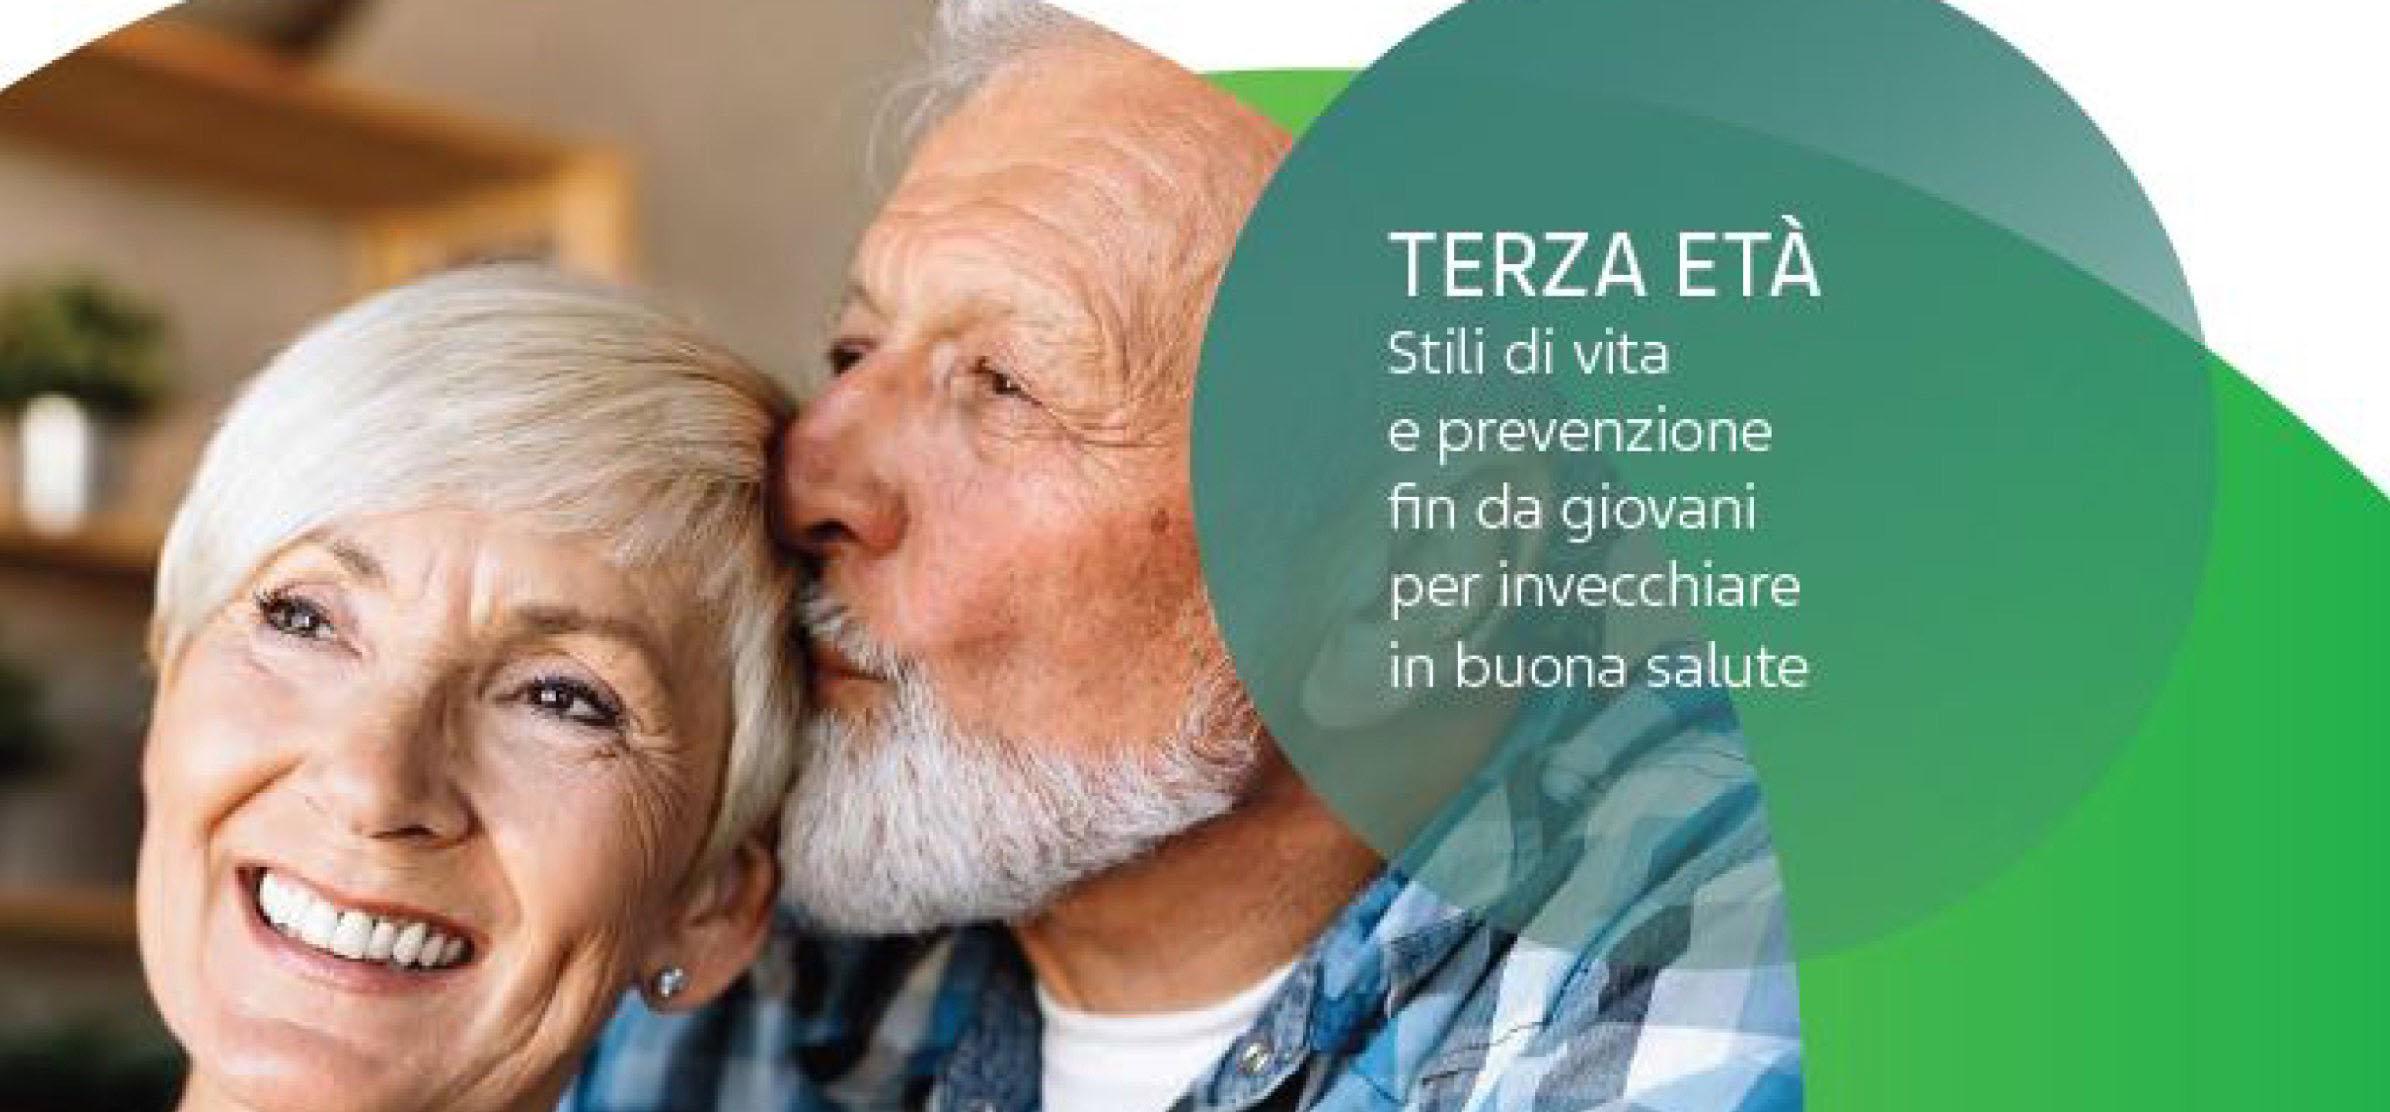 ORIZZONTE SALUTE è la rivista trimestrale di educazione sanitaria promossa da Teva Italia.